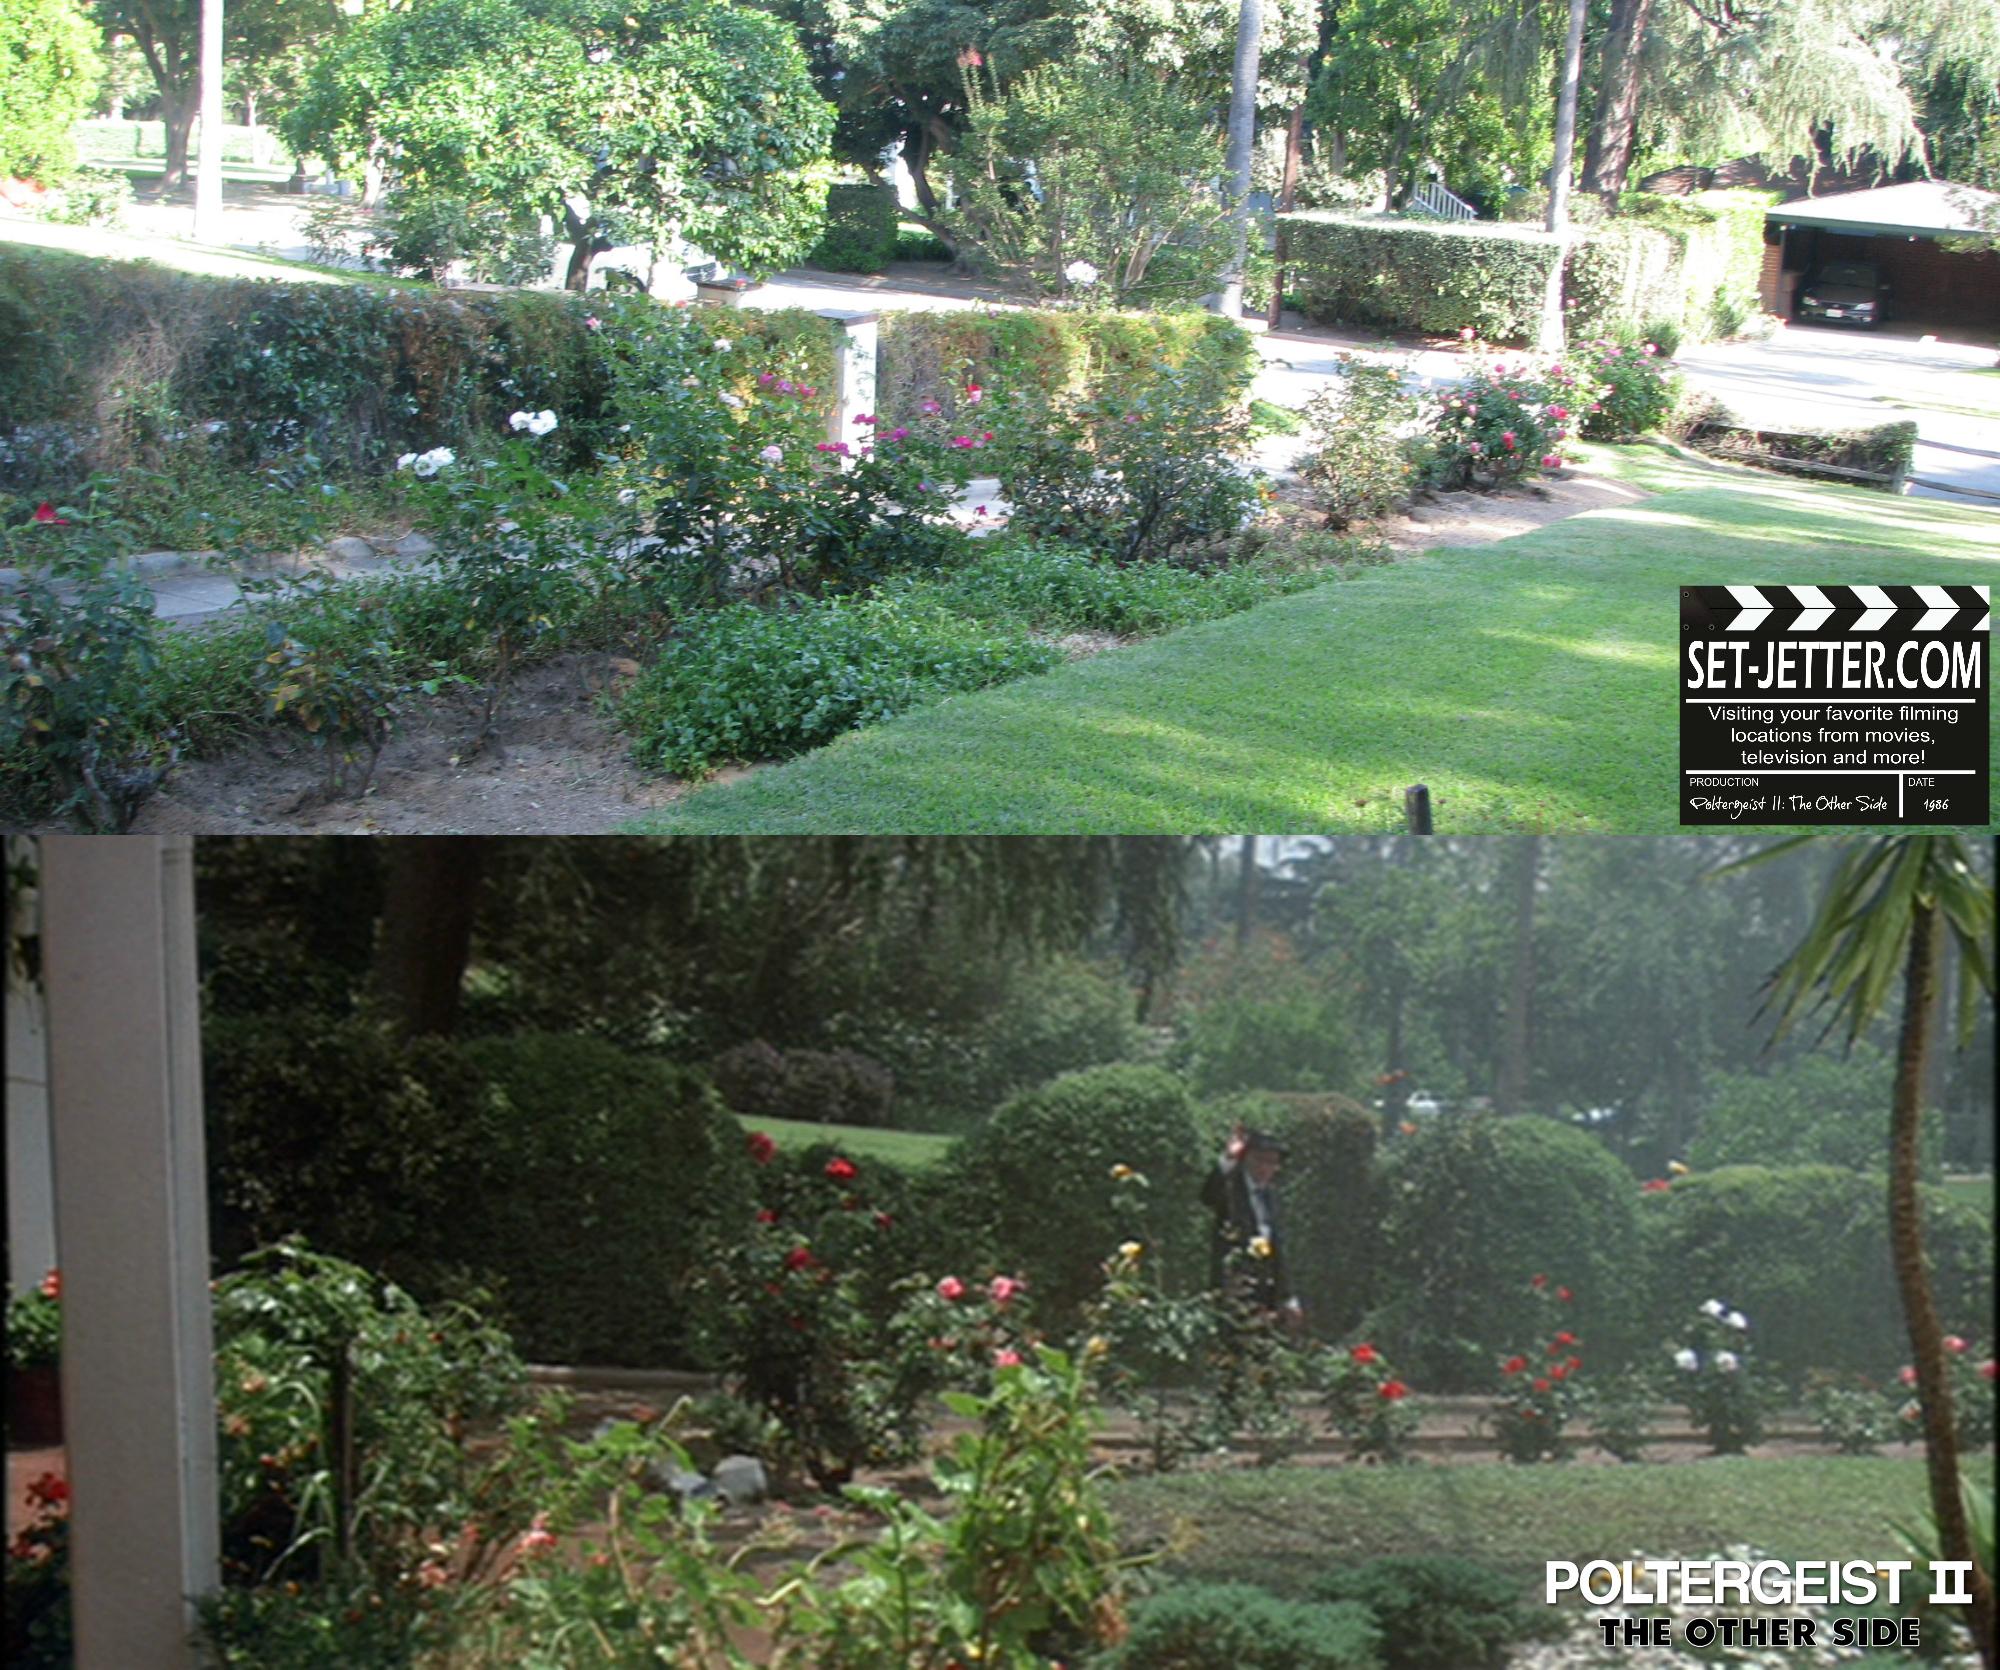 Poltergeist II comparison 44.jpg